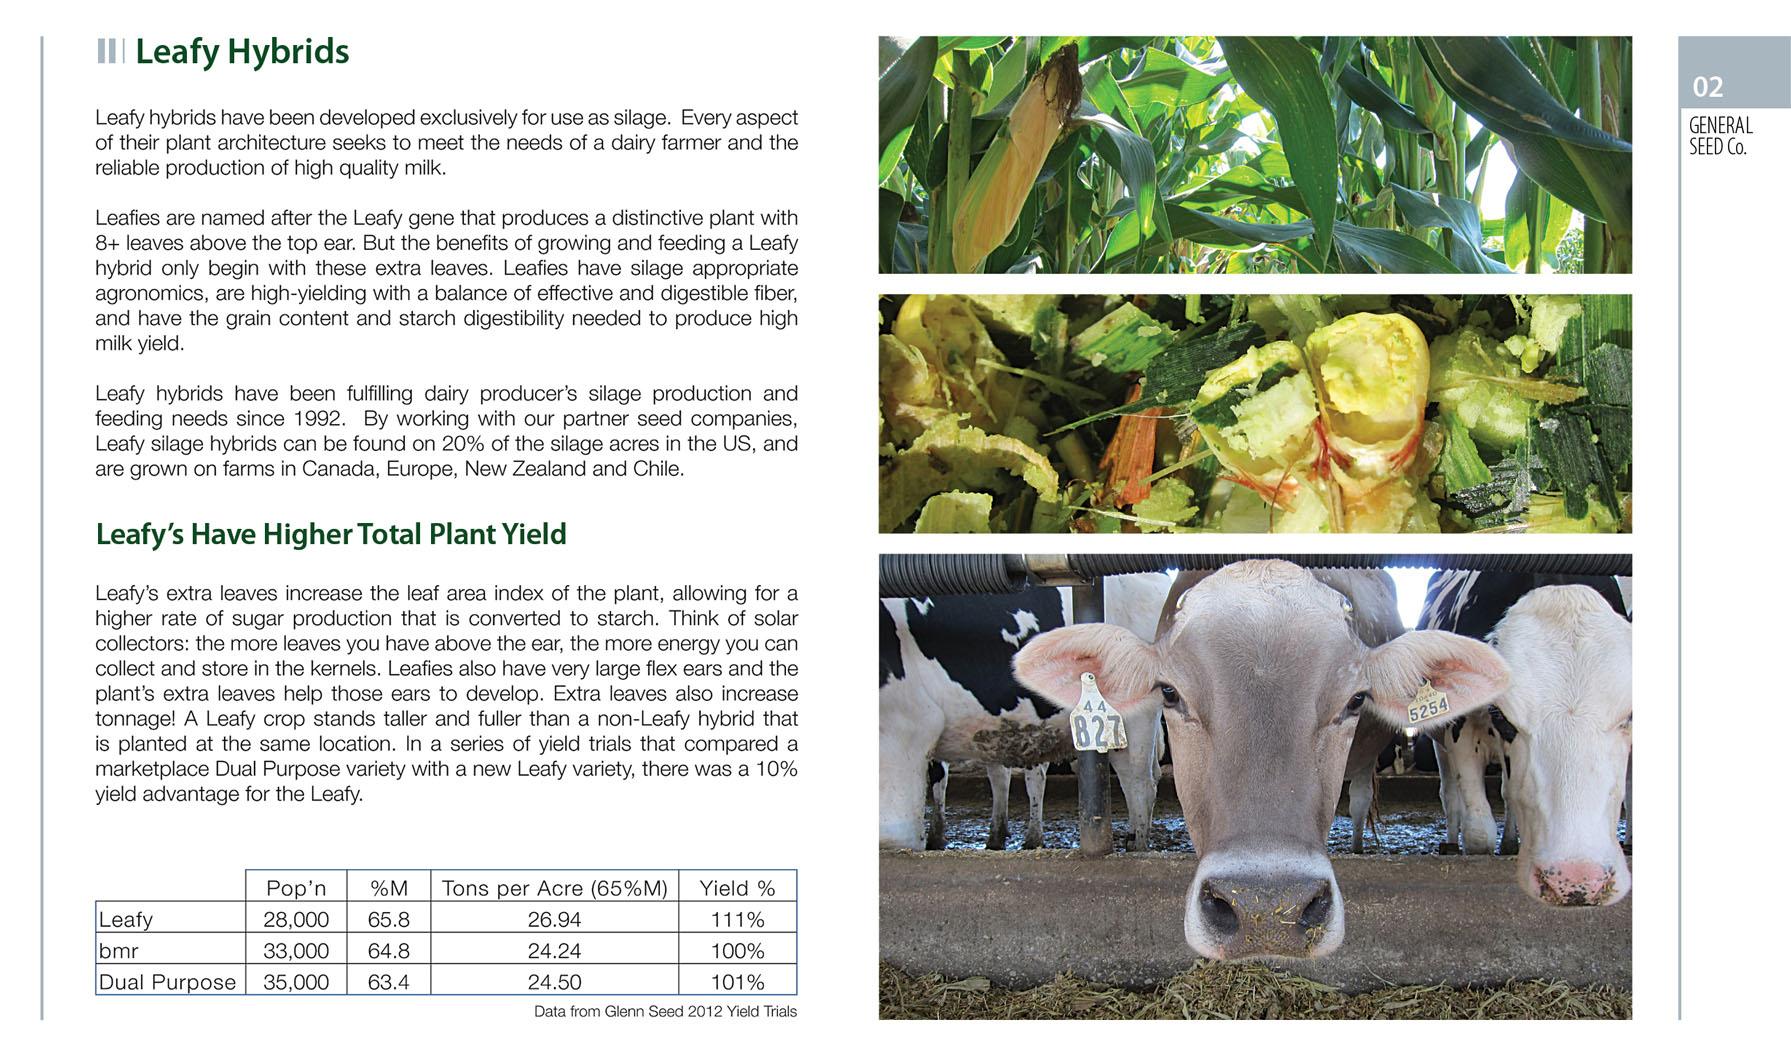 Leafy Hybrid general seed company